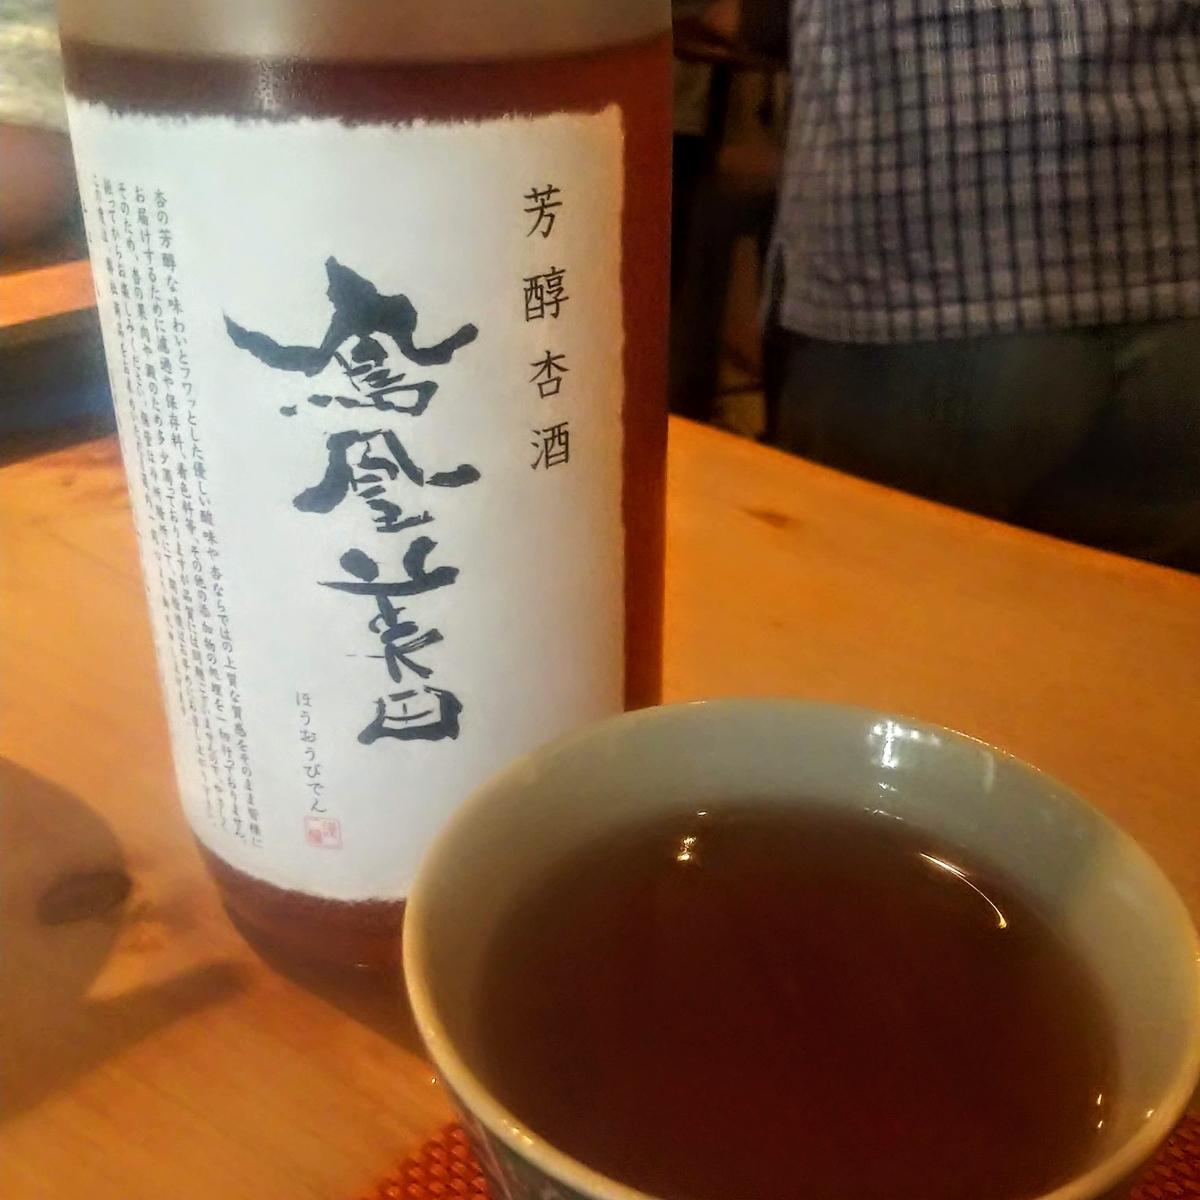 鳳凰美田 芳醇杏酒